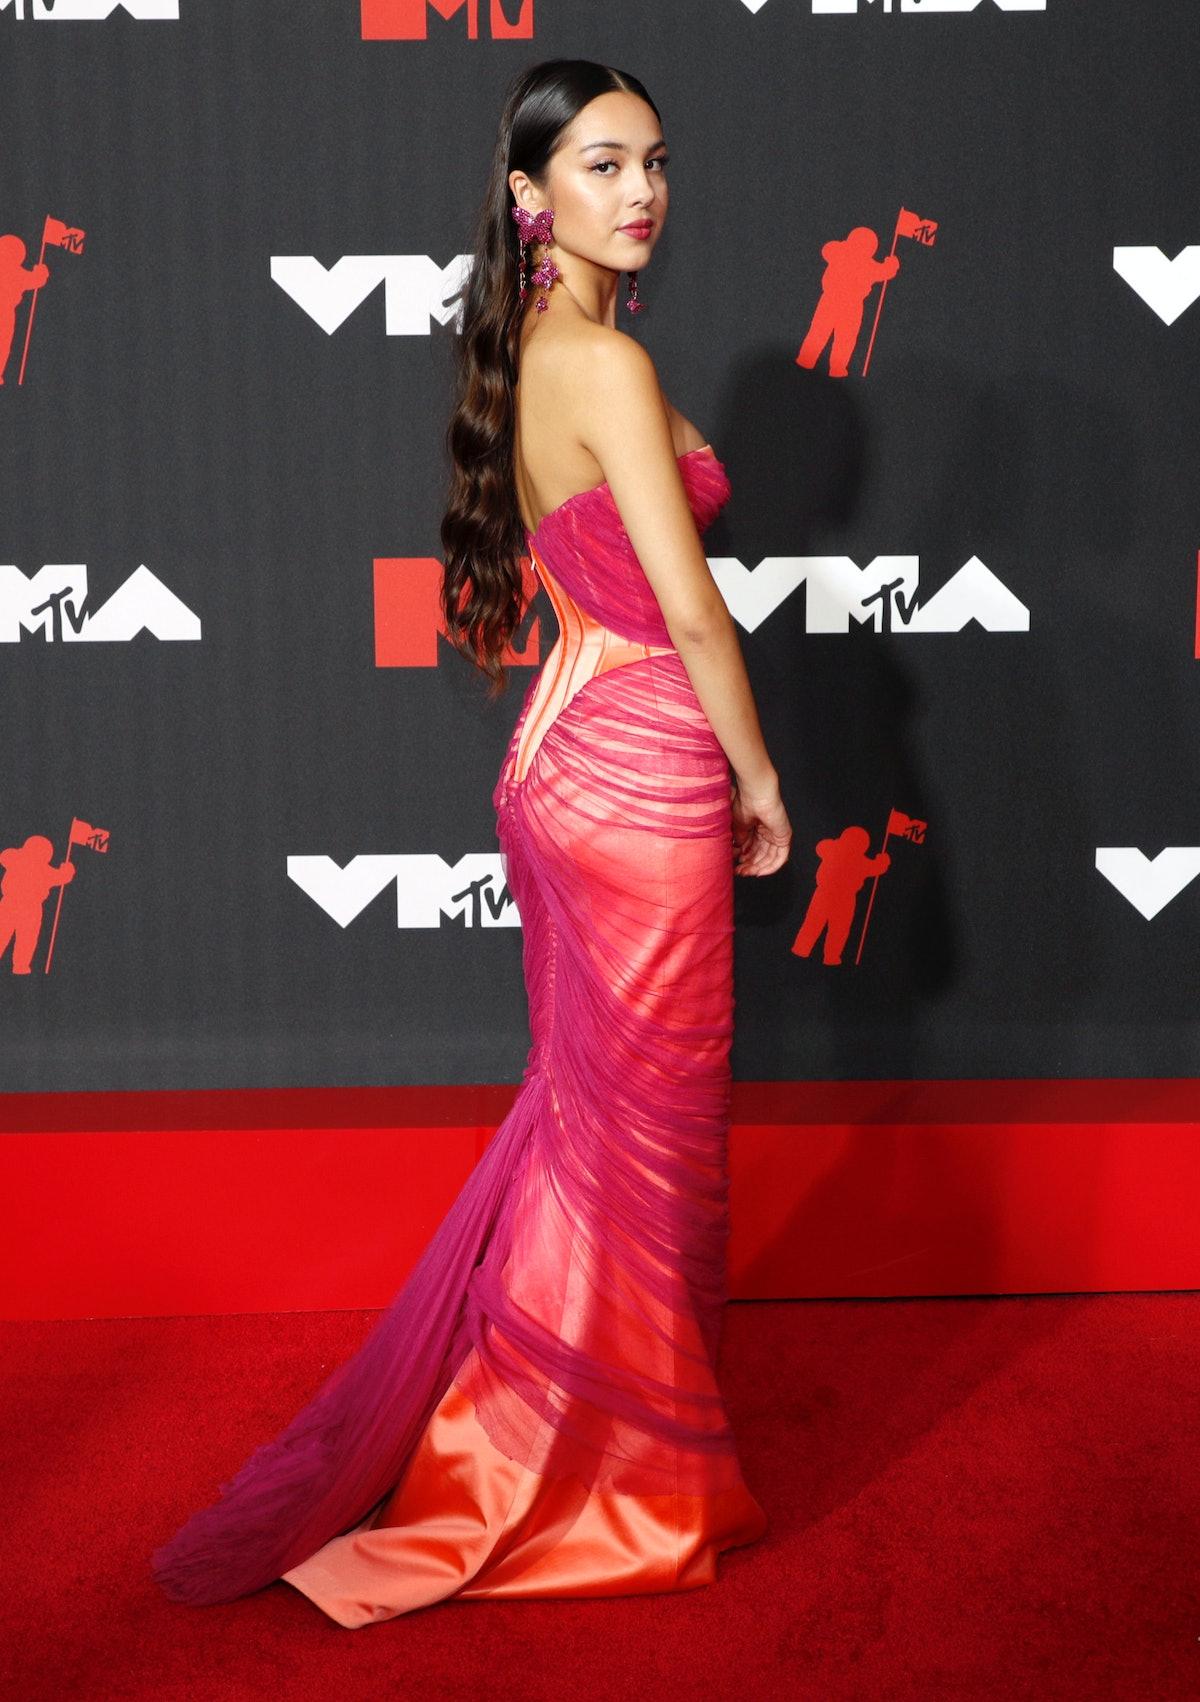 Olivia Rodrigo at the 2021 VMAs